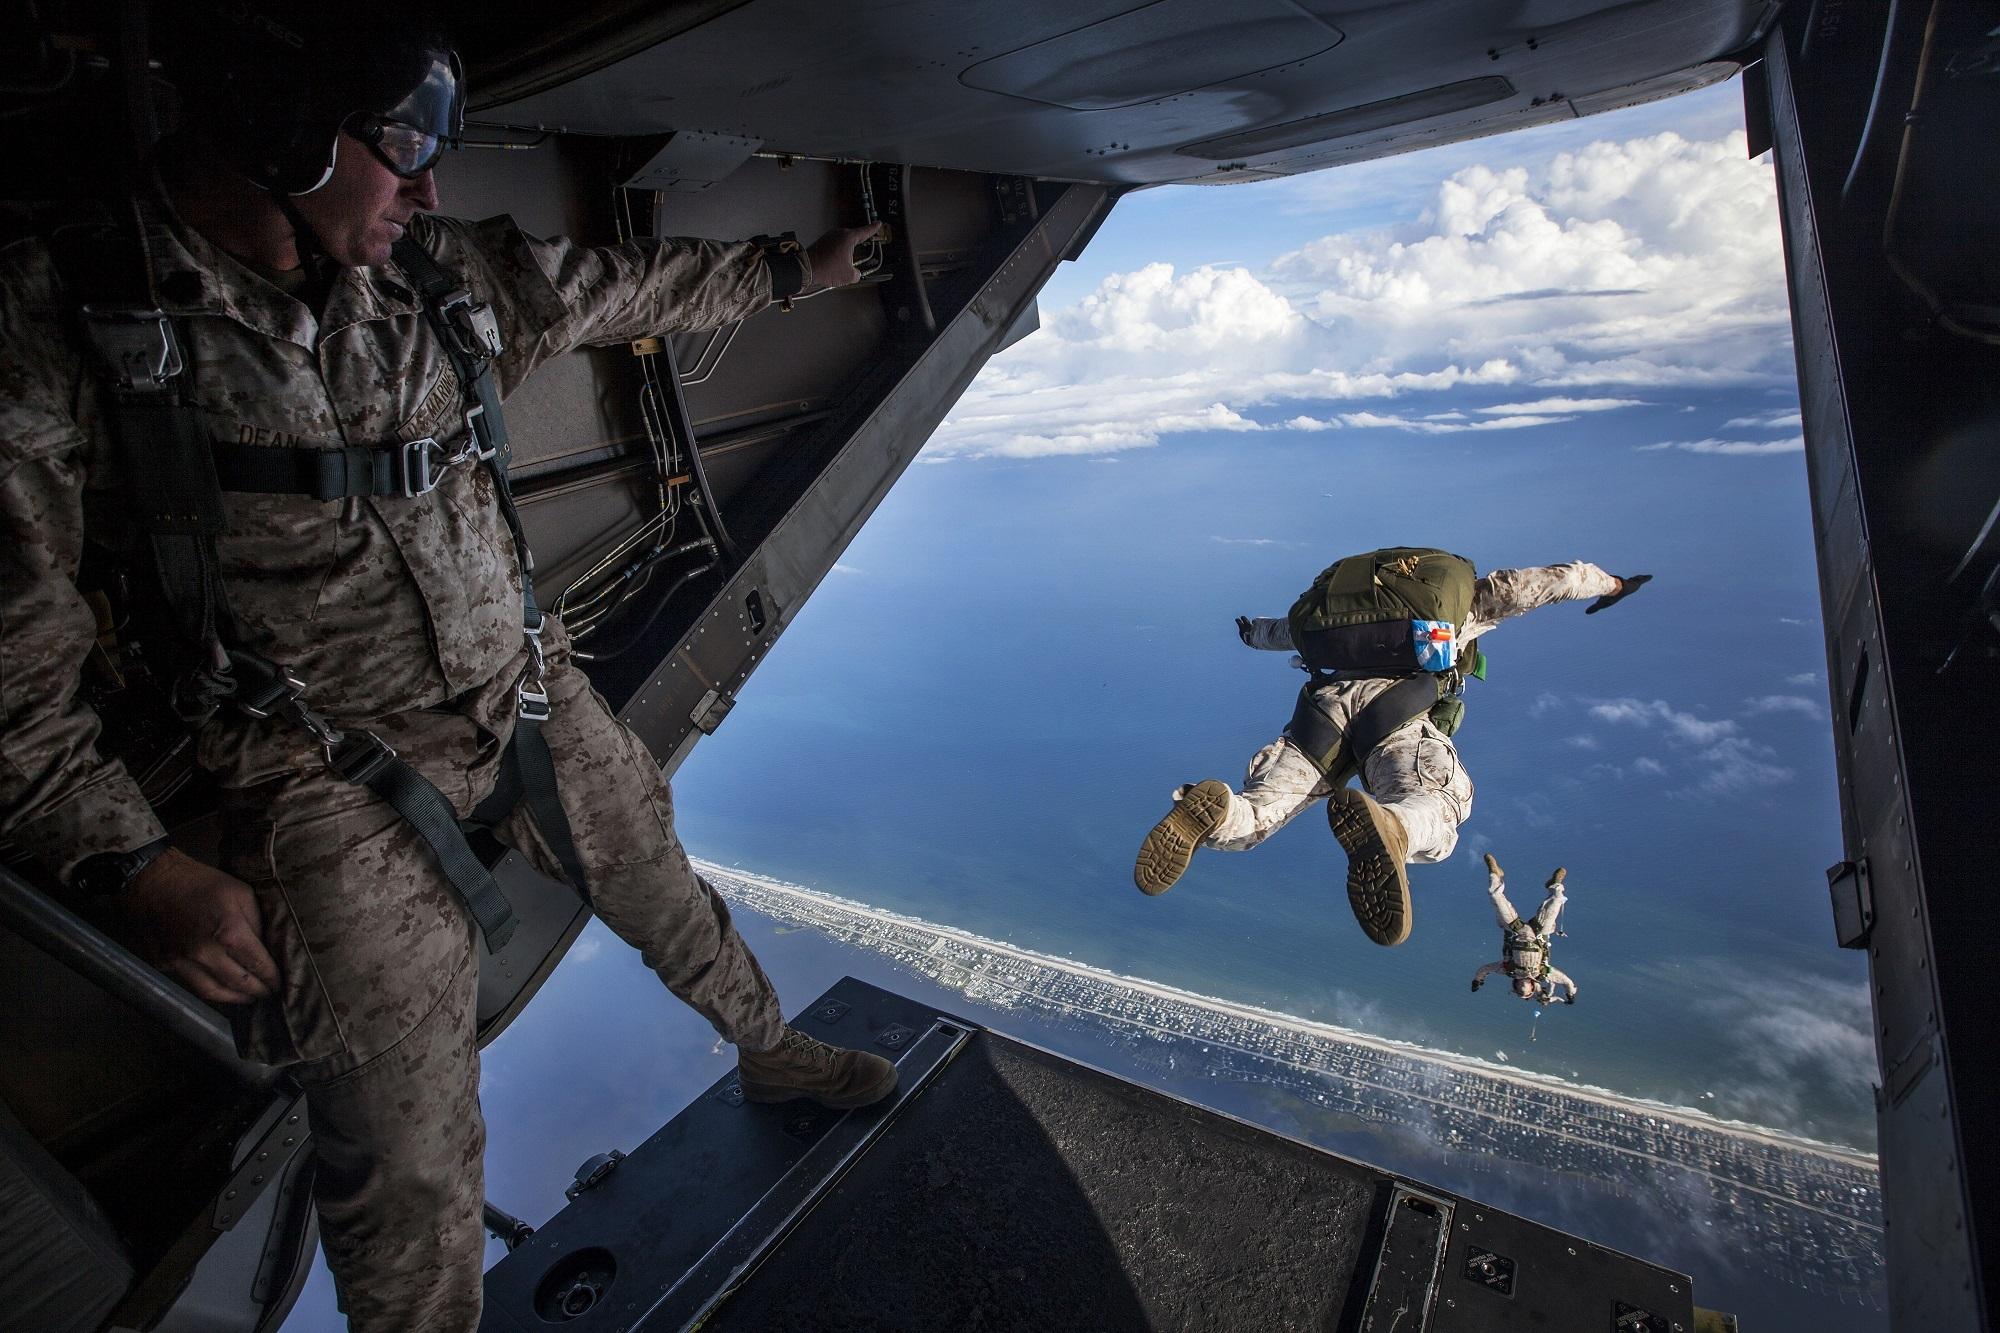 парашют, прыжок, Армия, воздуха, риск - Обои HD - Профессор falken.com